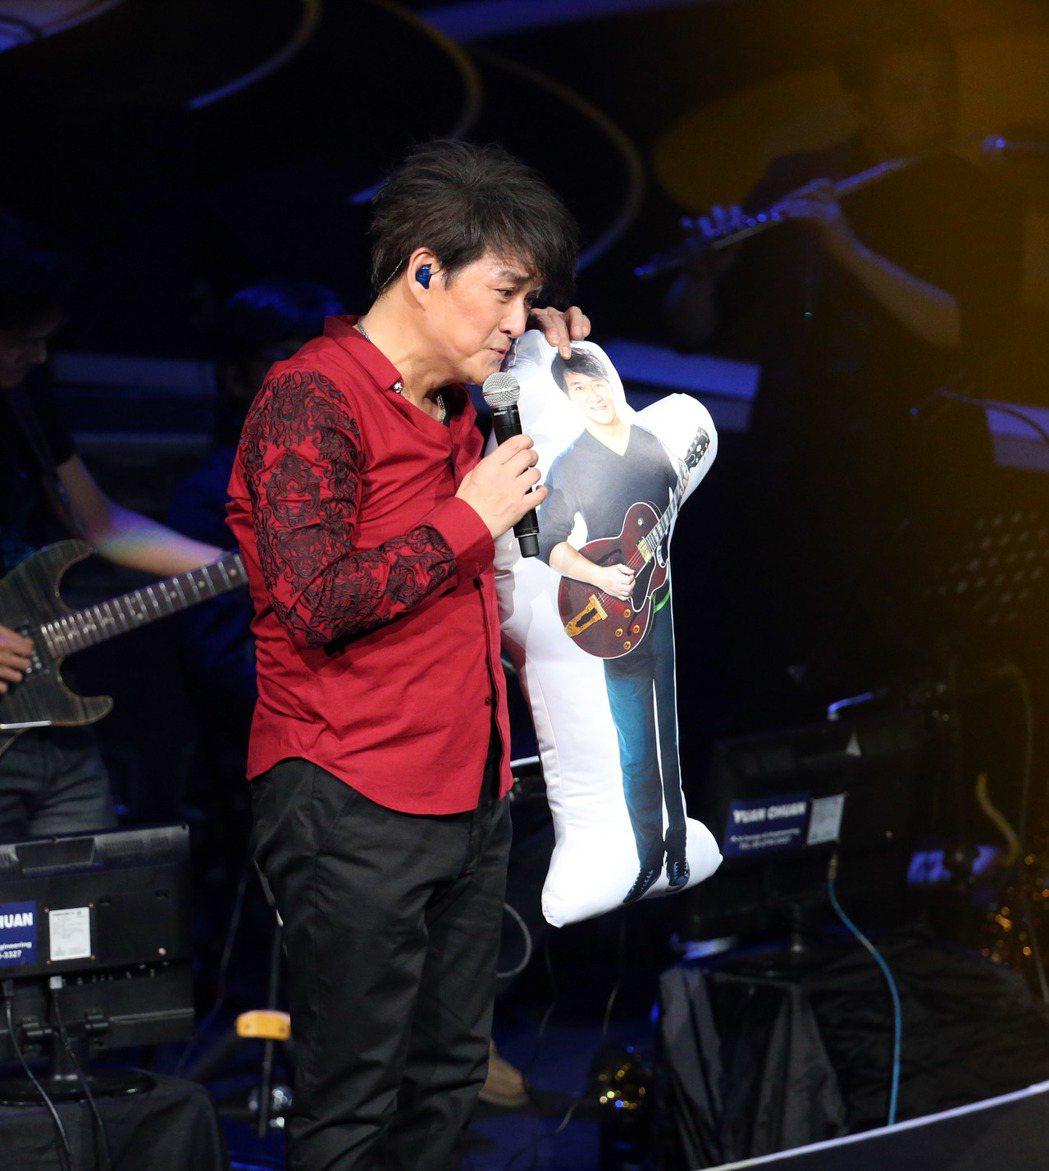 周華健今晚在台北小巨蛋開唱。記者陳瑞源/攝影